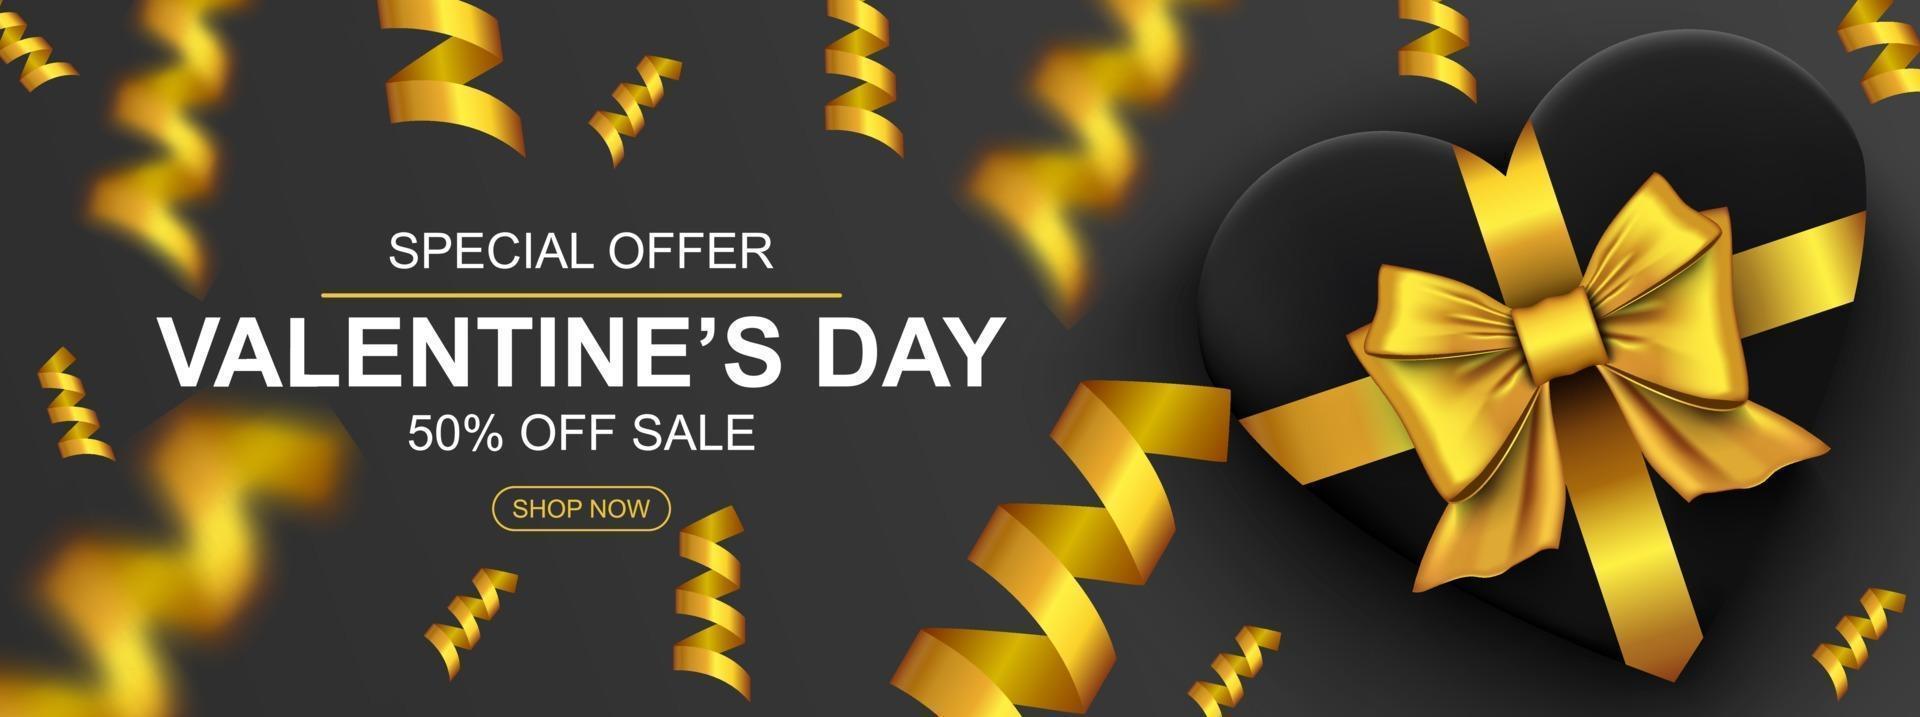 banner de web de venda de dia dos namorados. caixa de presente realista com coração de laço dourado e confetes. vetor